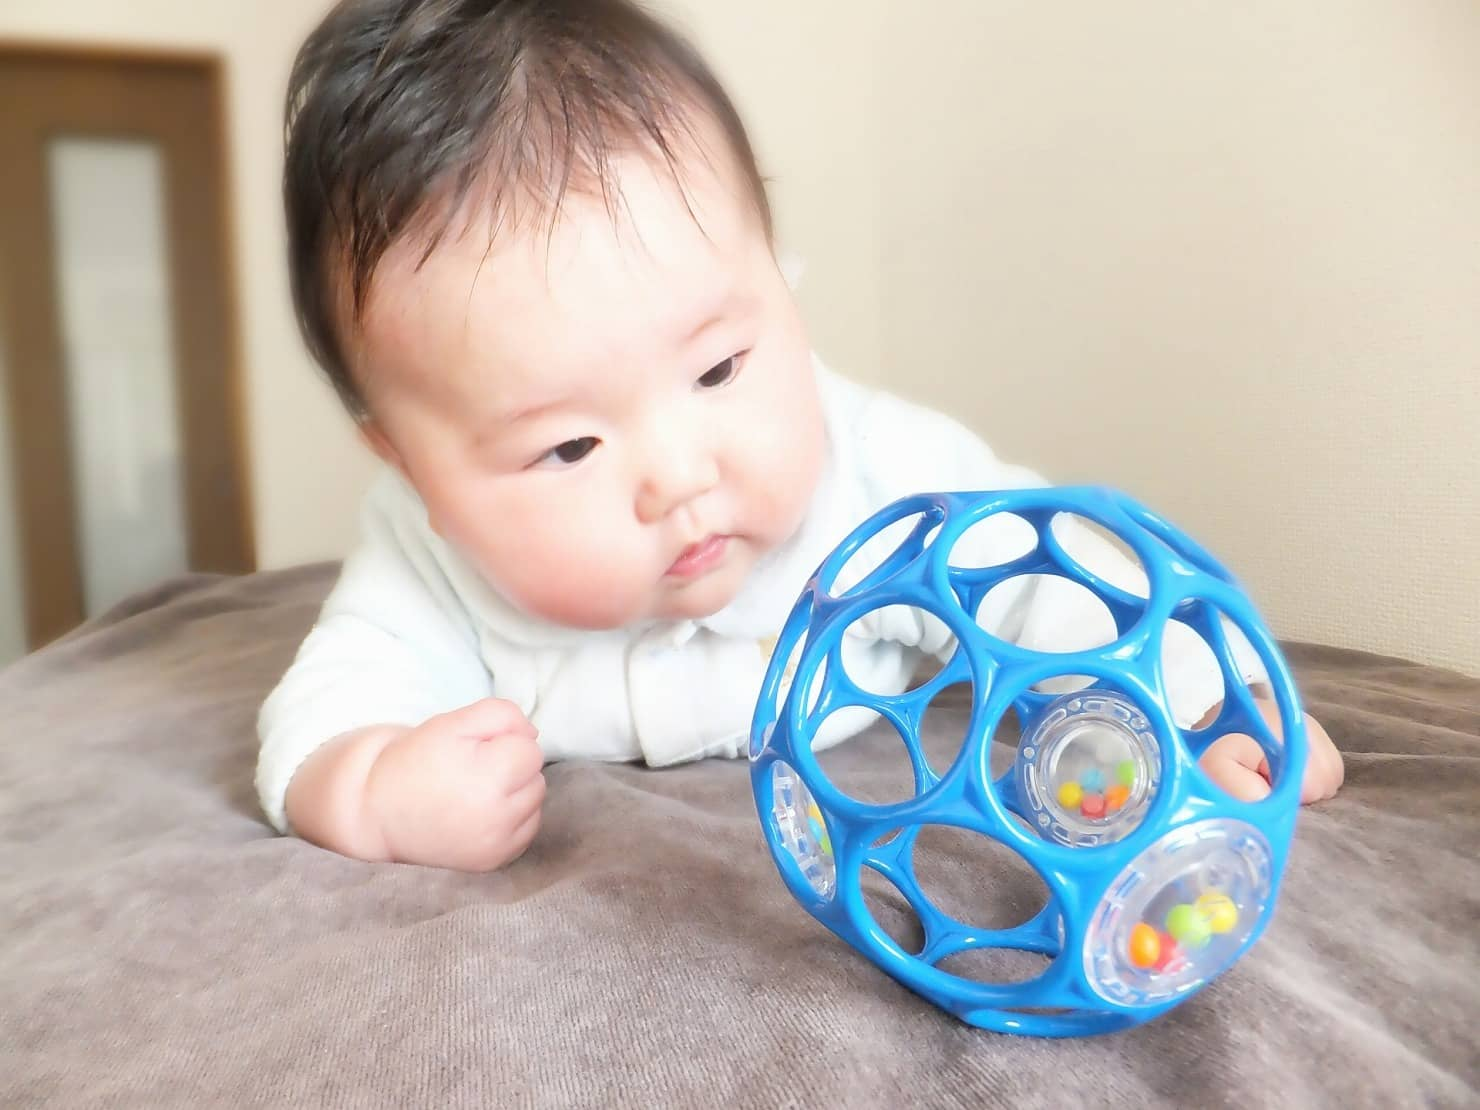 生後4ヶ月の赤ちゃんの成長目安は? 特徴や育児のポイント